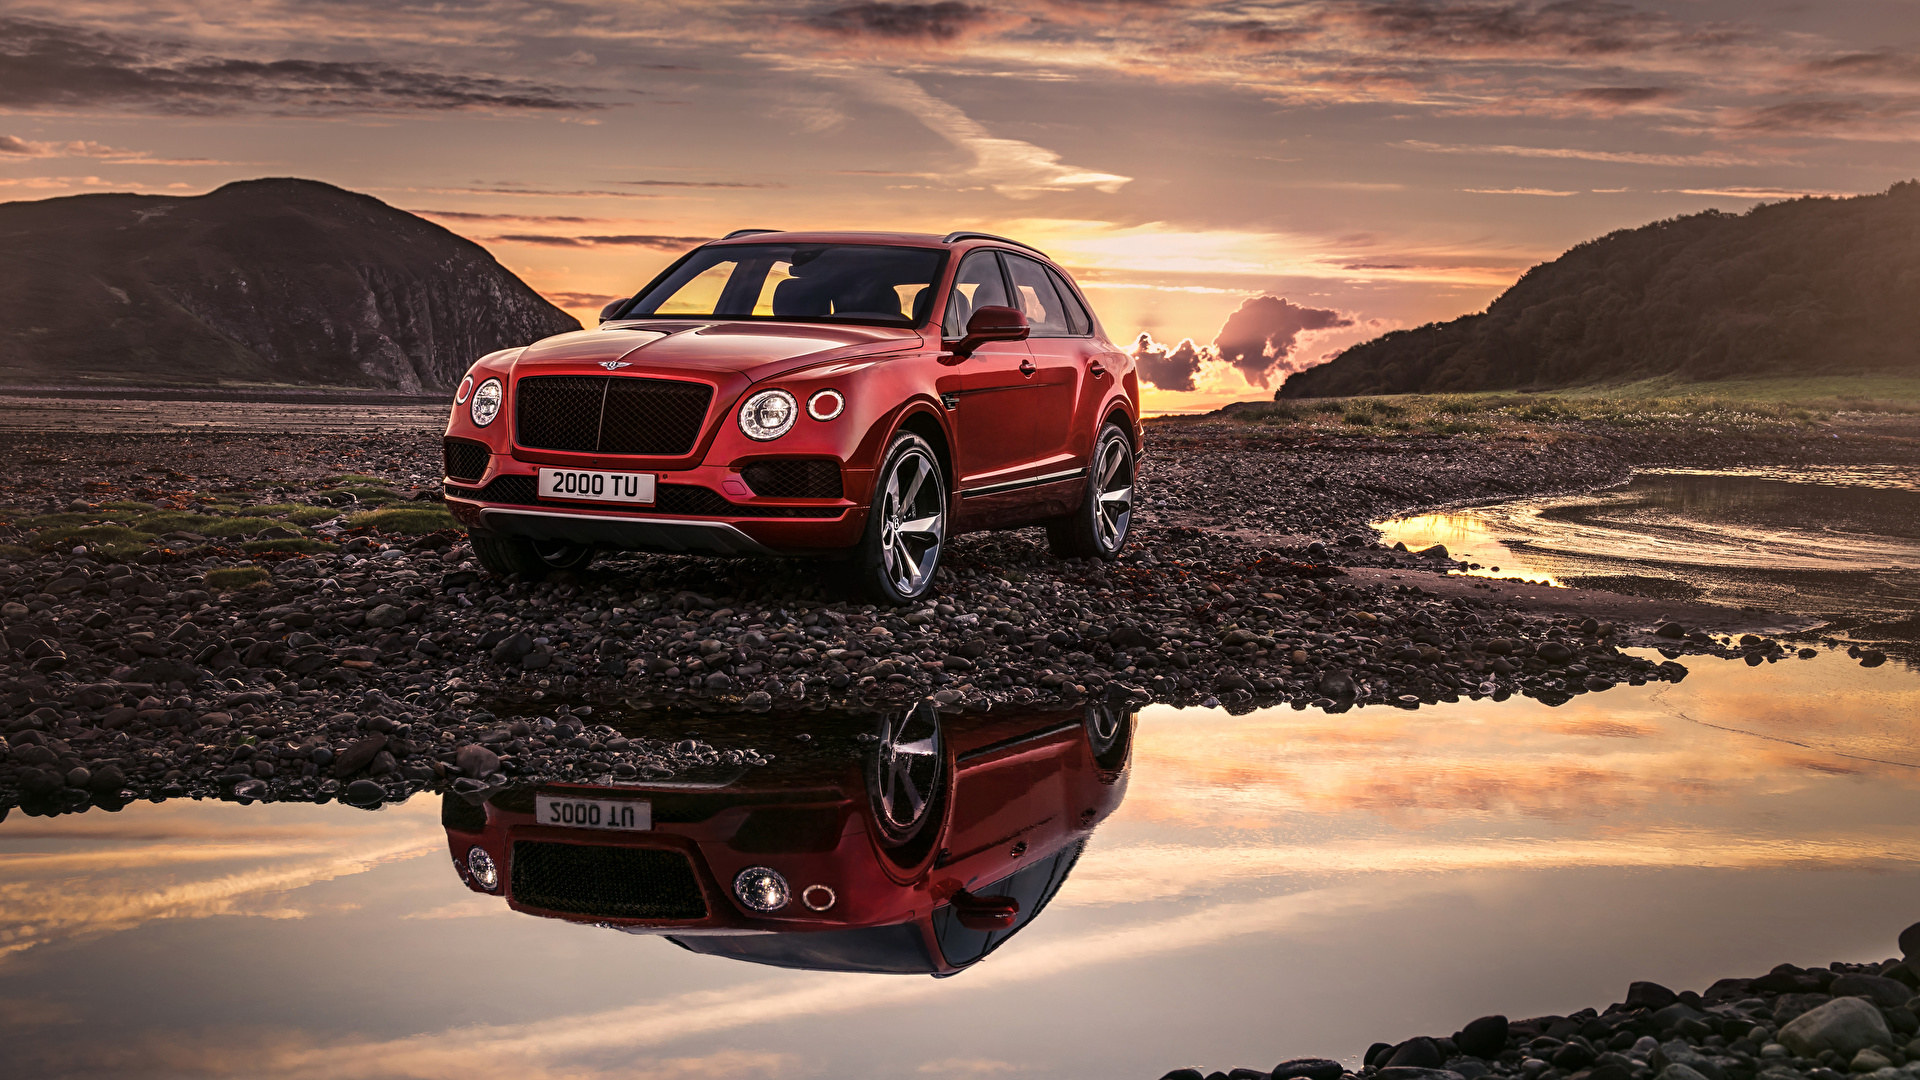 Картинка Bentley 2018 Bentayga V8 Worldwide красных автомобиль 1920x1080 Бентли красная красные Красный авто машины машина Автомобили